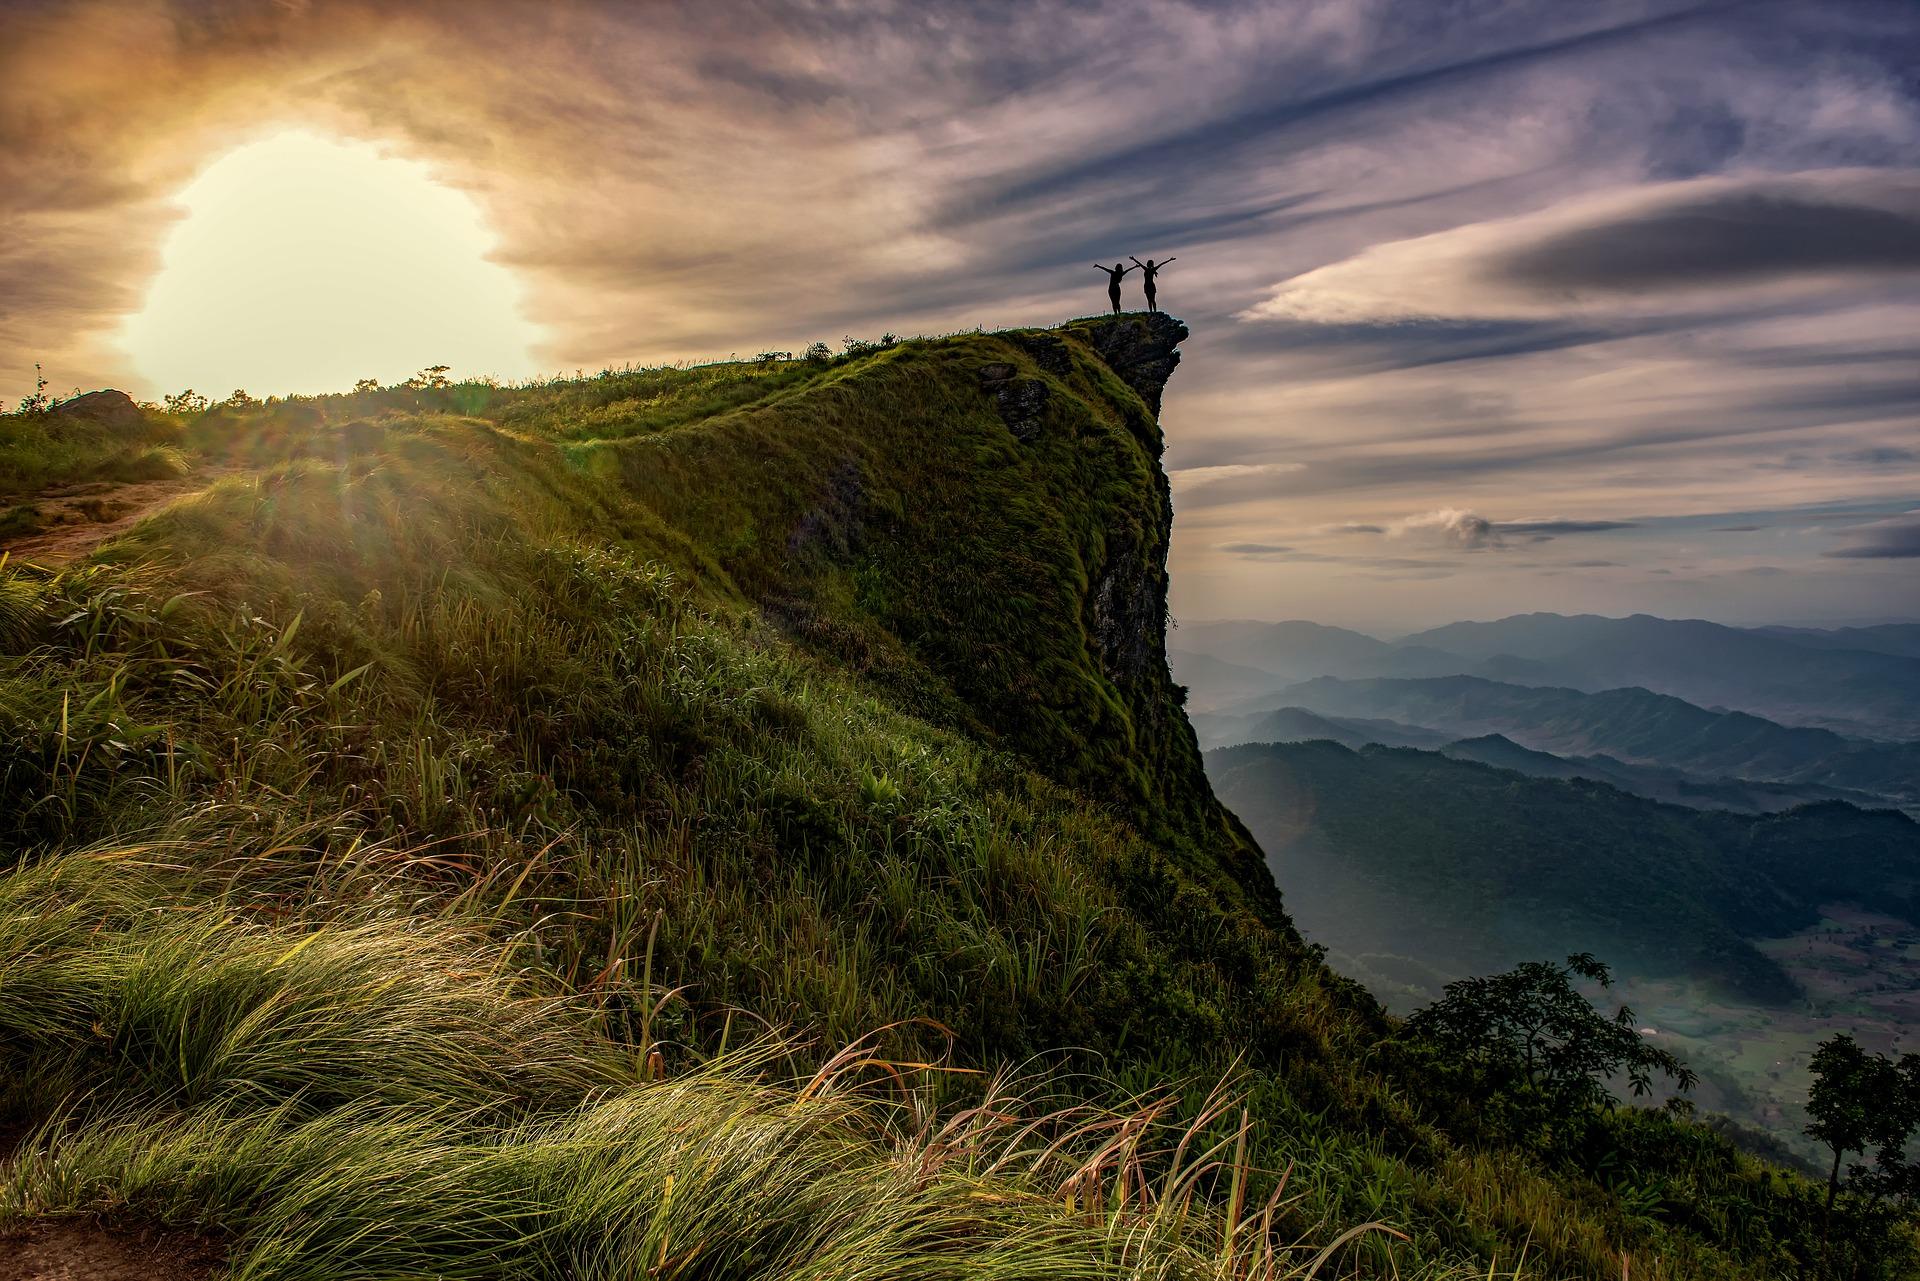 Menschen-Berge-Natur-Freiheit